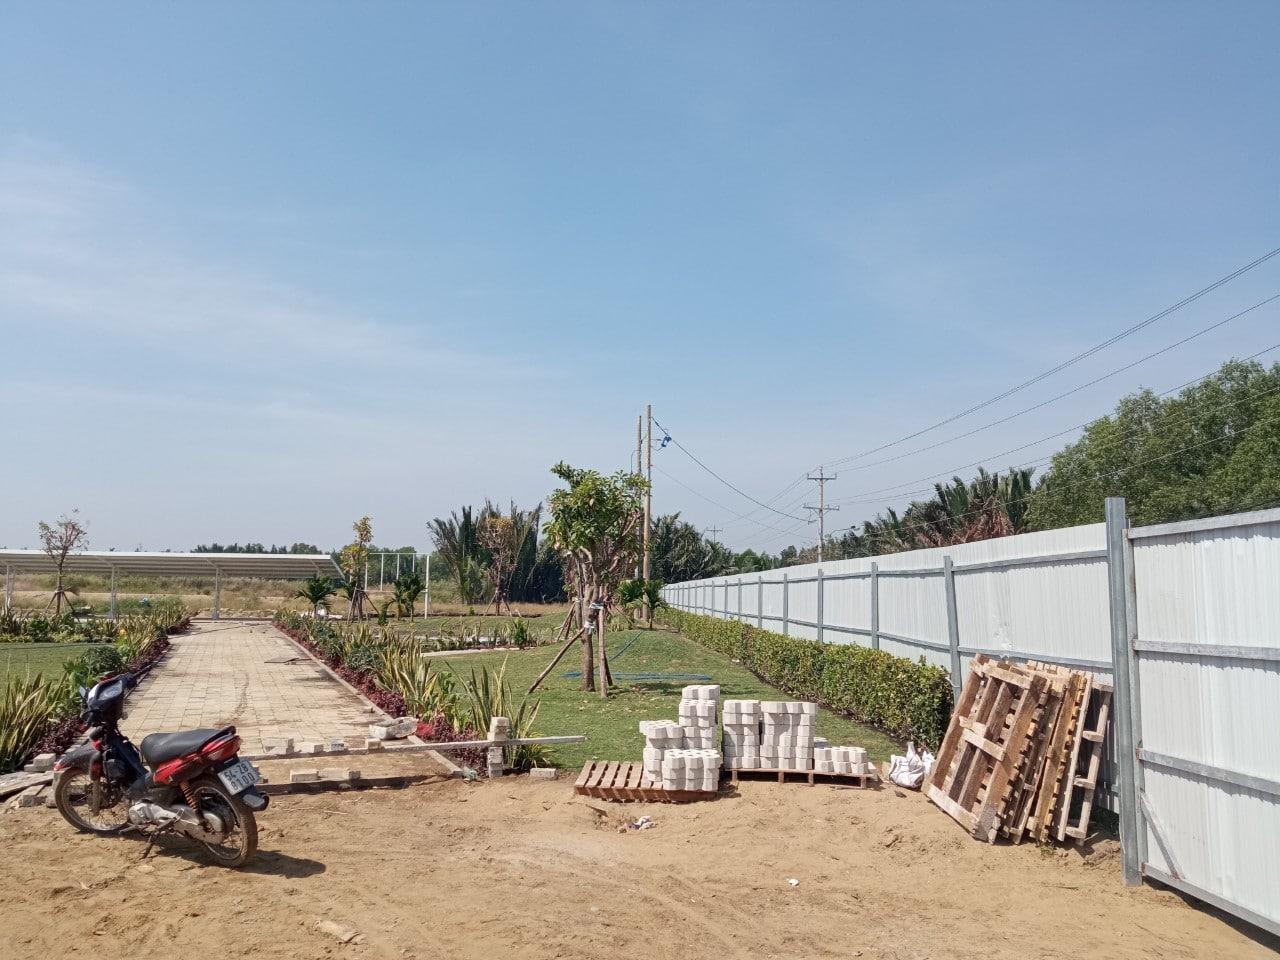 Tien do thi cong Du an Khu dan cu Tan Thai Thinh - Dự án Khu dân cư Thương mại Tân Thái Thịnh